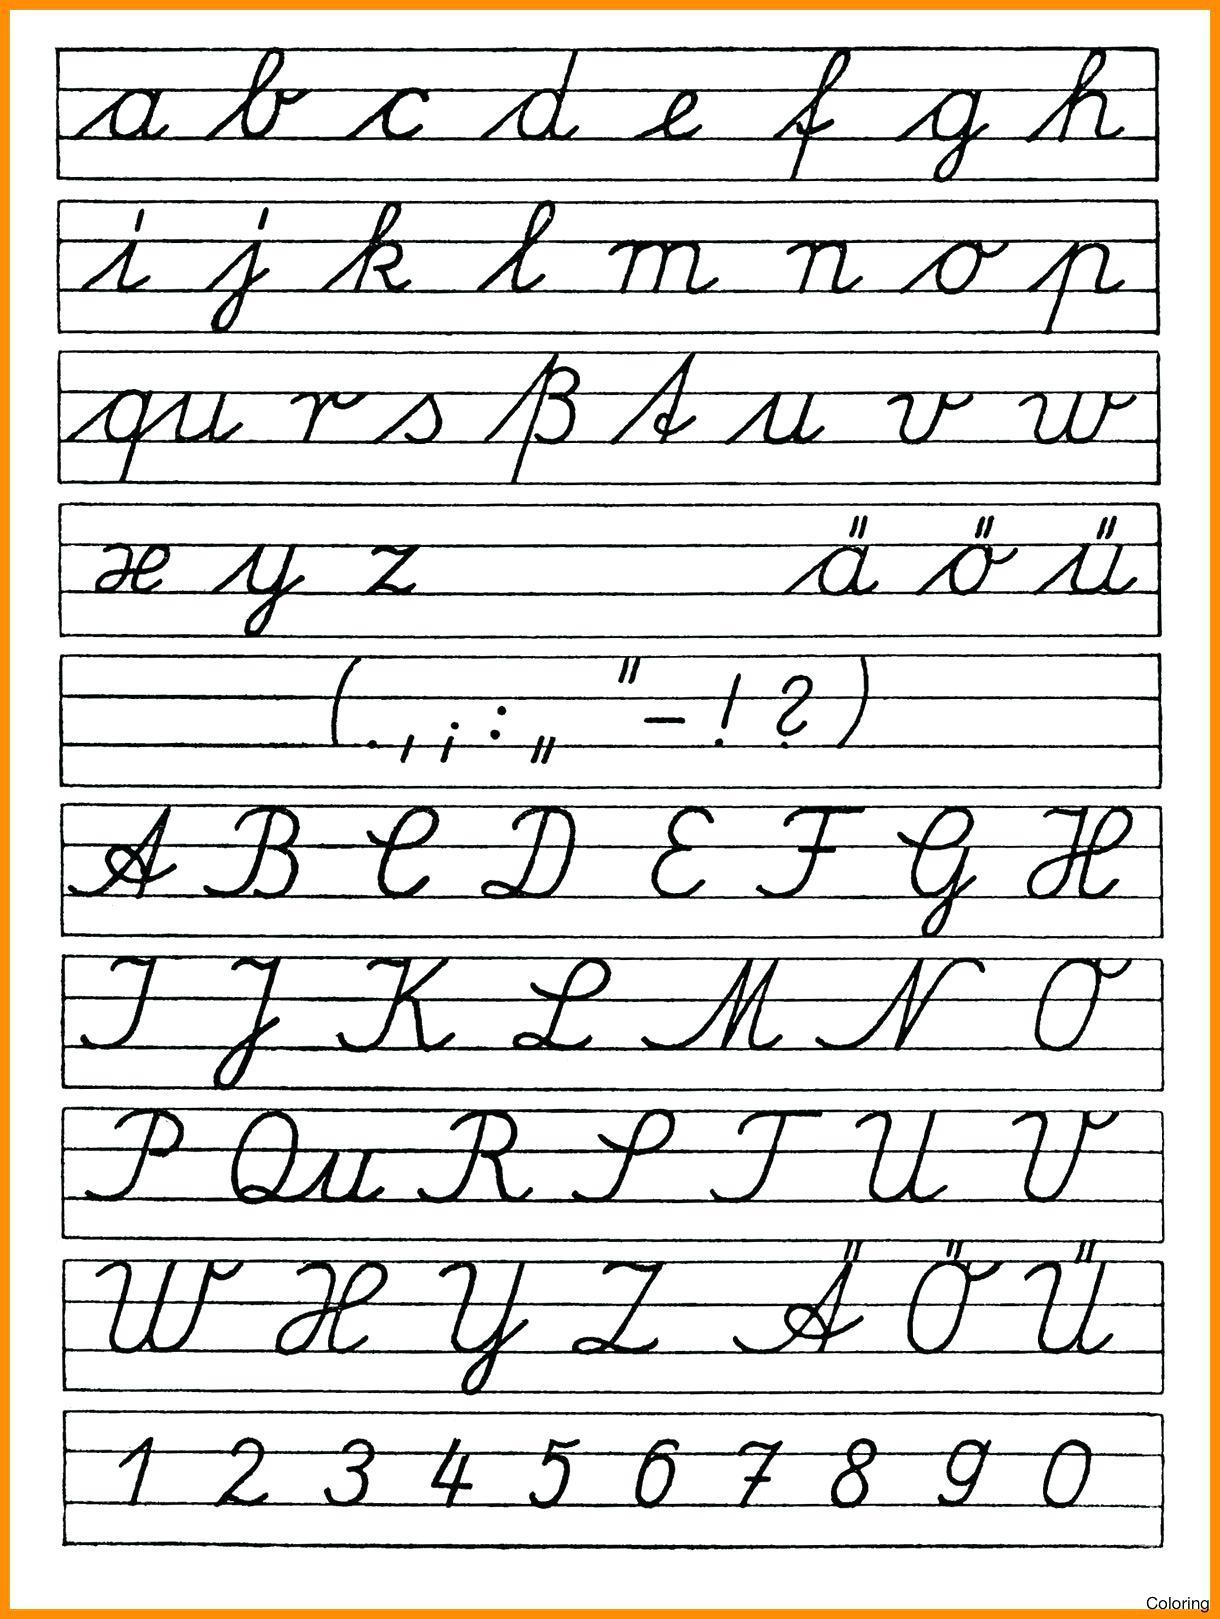 Worksheet ~ Worksheet Alphabet In Cursive Print Out